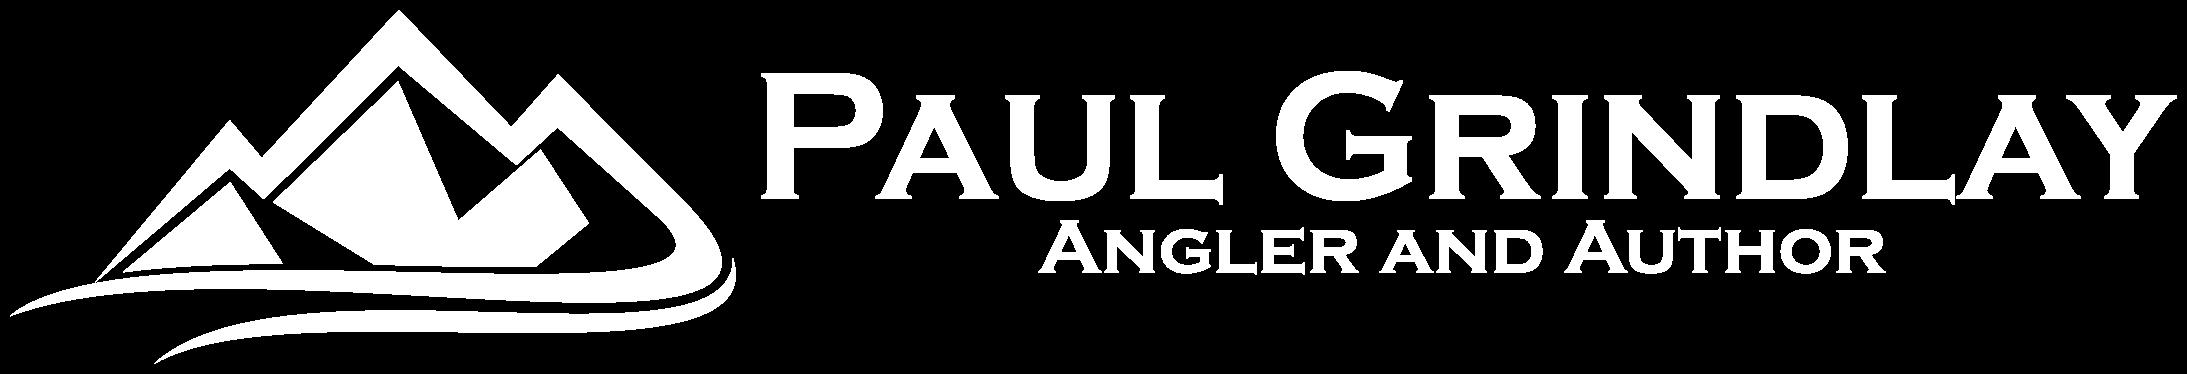 Paul Grindlay